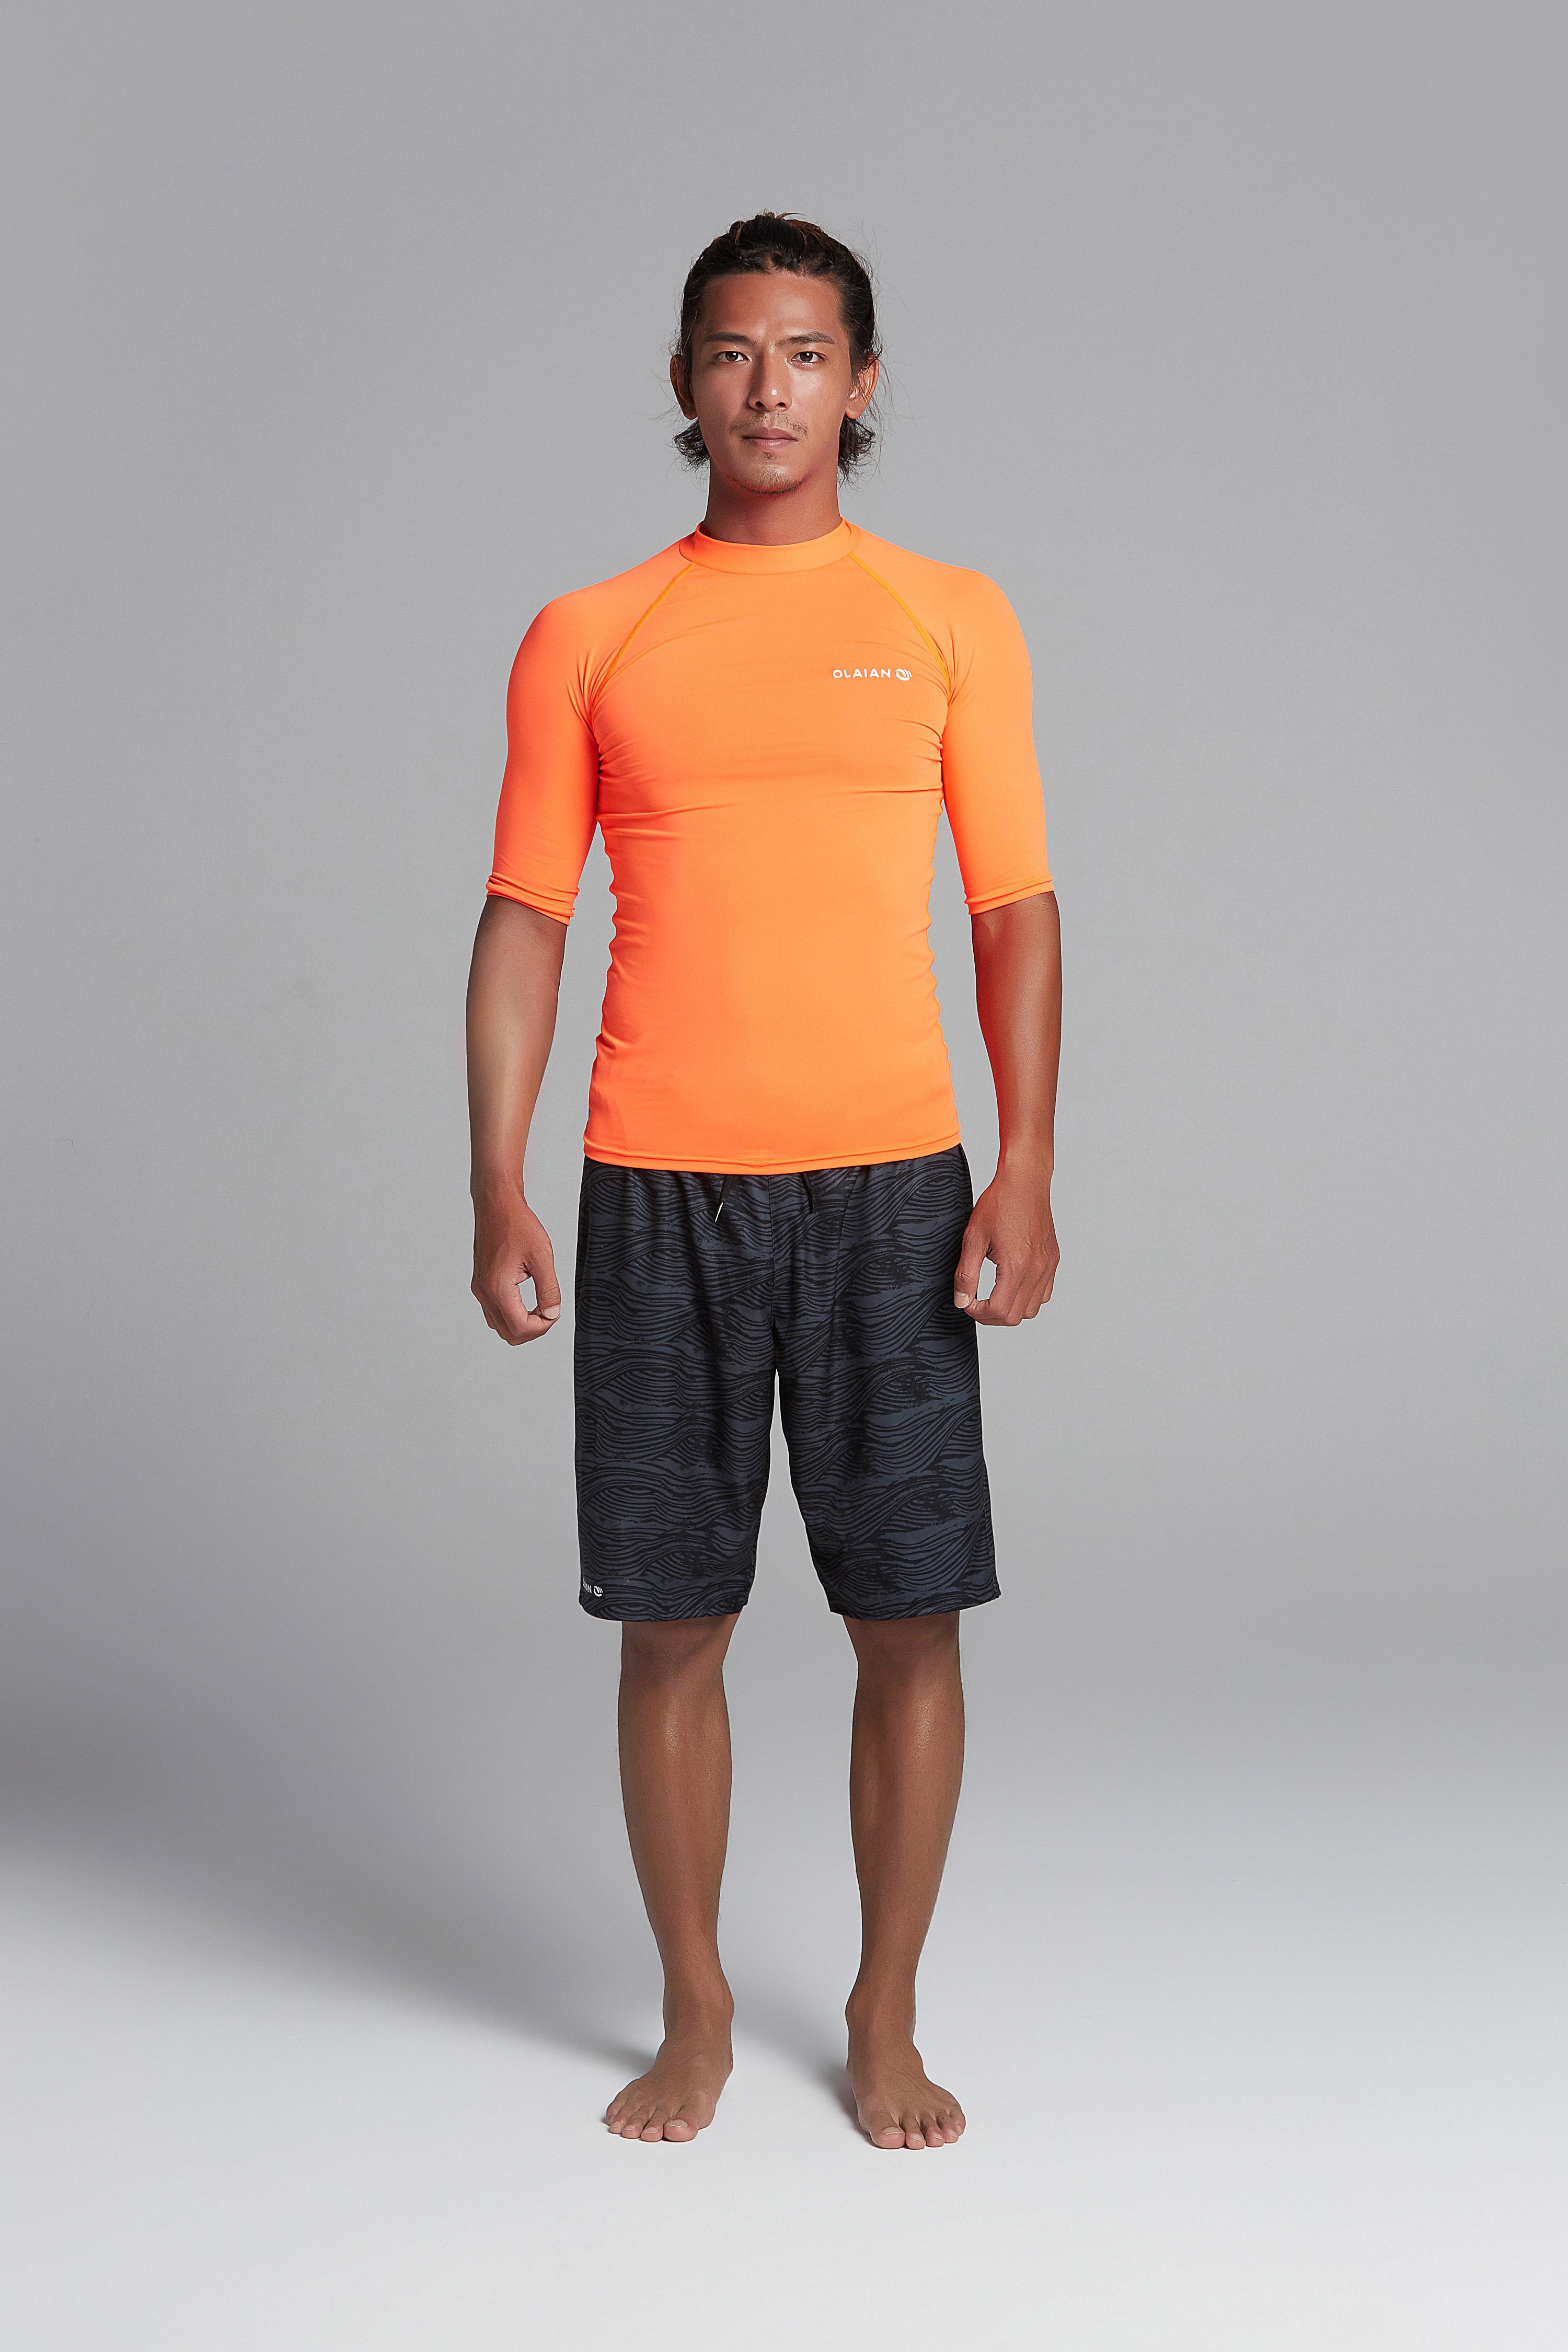 迪卡侬水中防晒衣男士短袖防晒速干T恤分体冲浪潜水服水母衣sbt